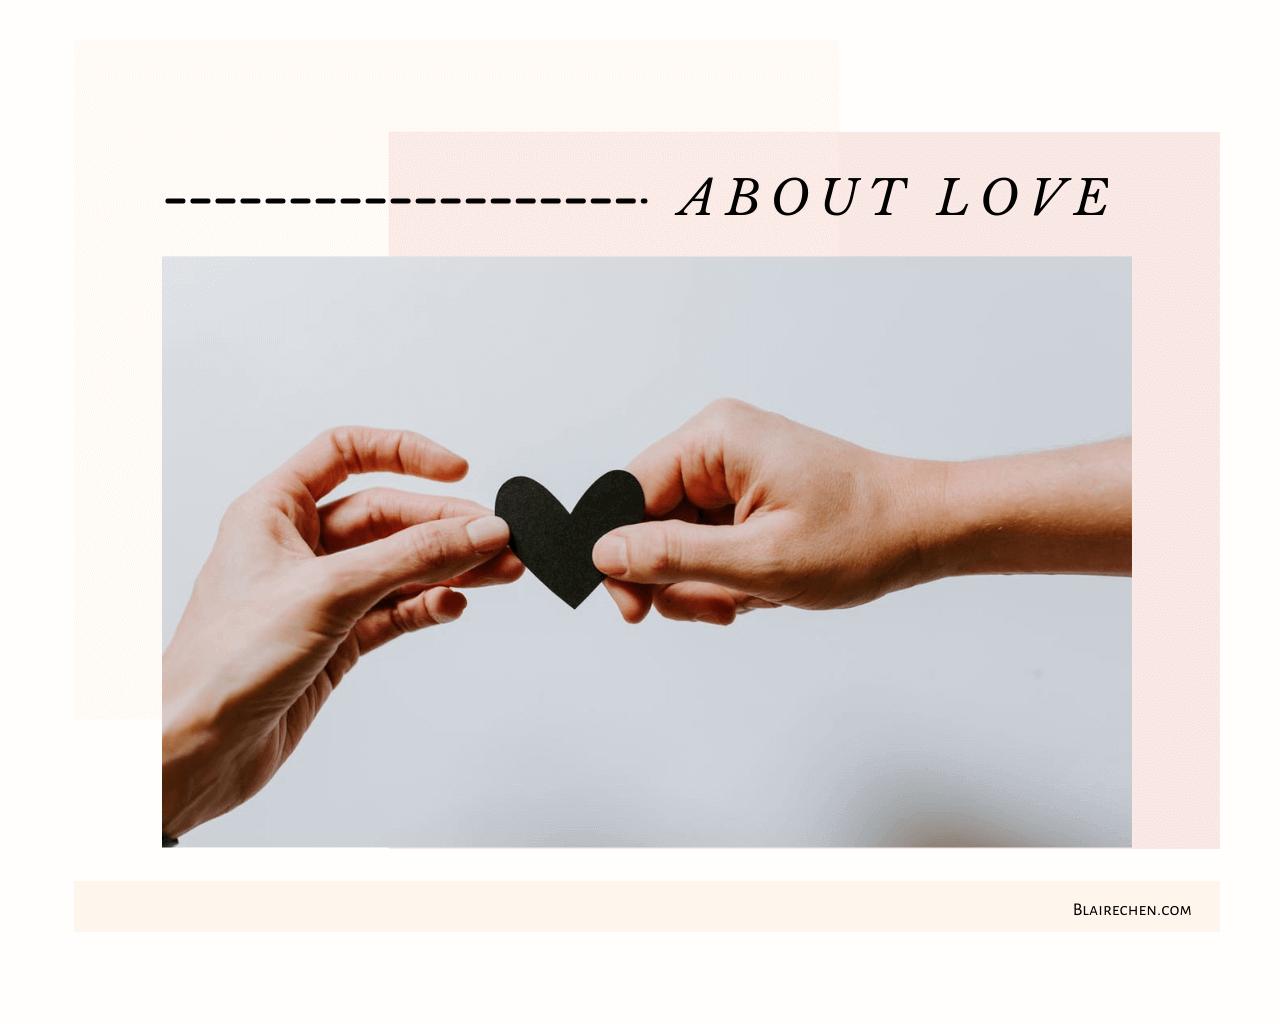 關於30+的愛情:一個眼神,找到一起擁抱愛情的人,5個愛情樣態,讓你邁向成熟的感情關係!